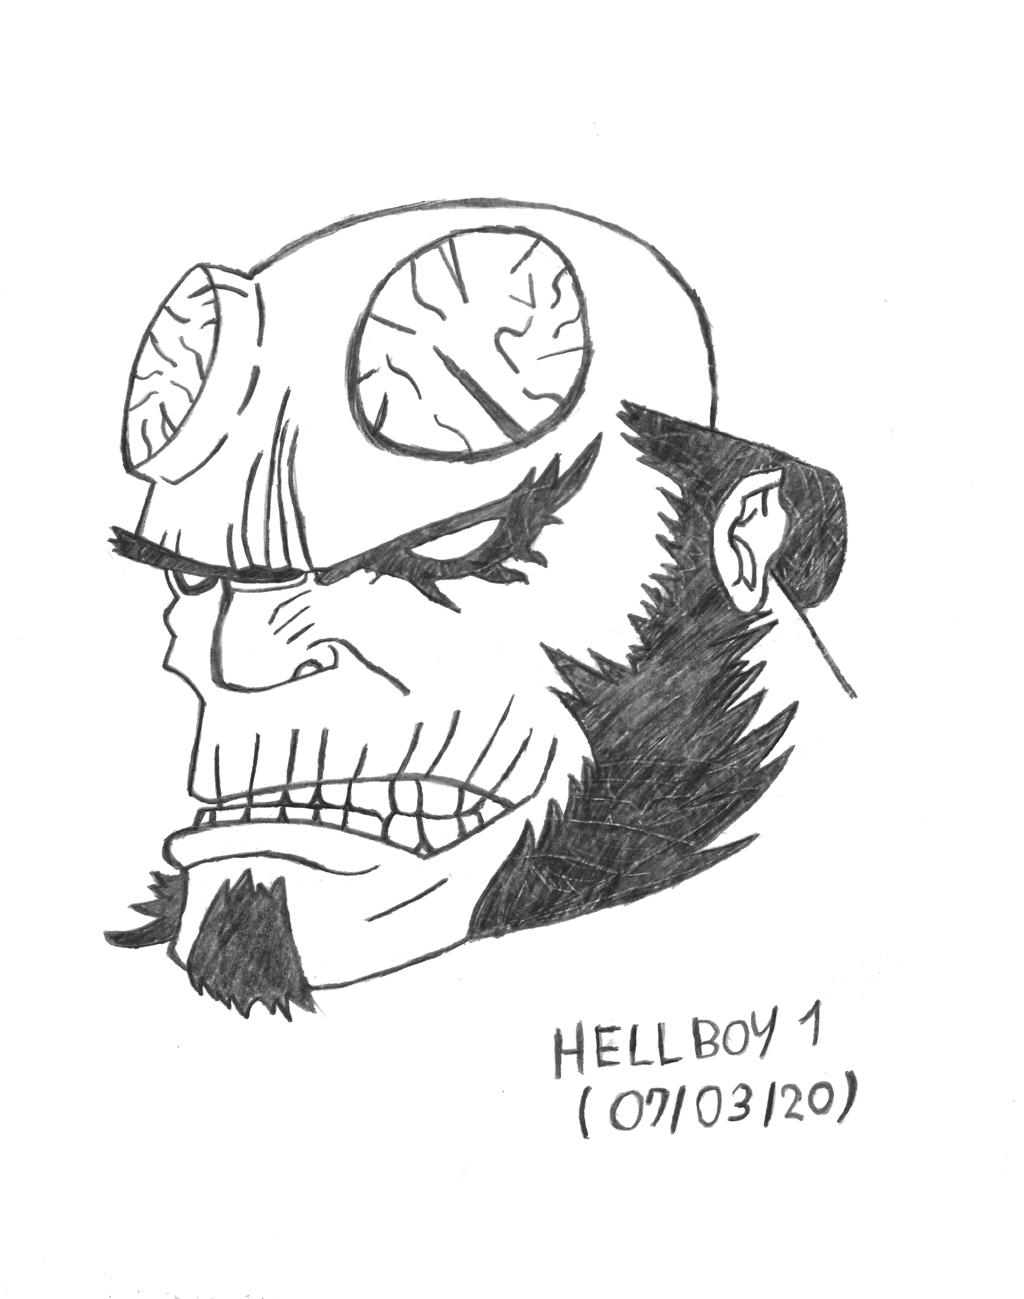 Hellboy 1